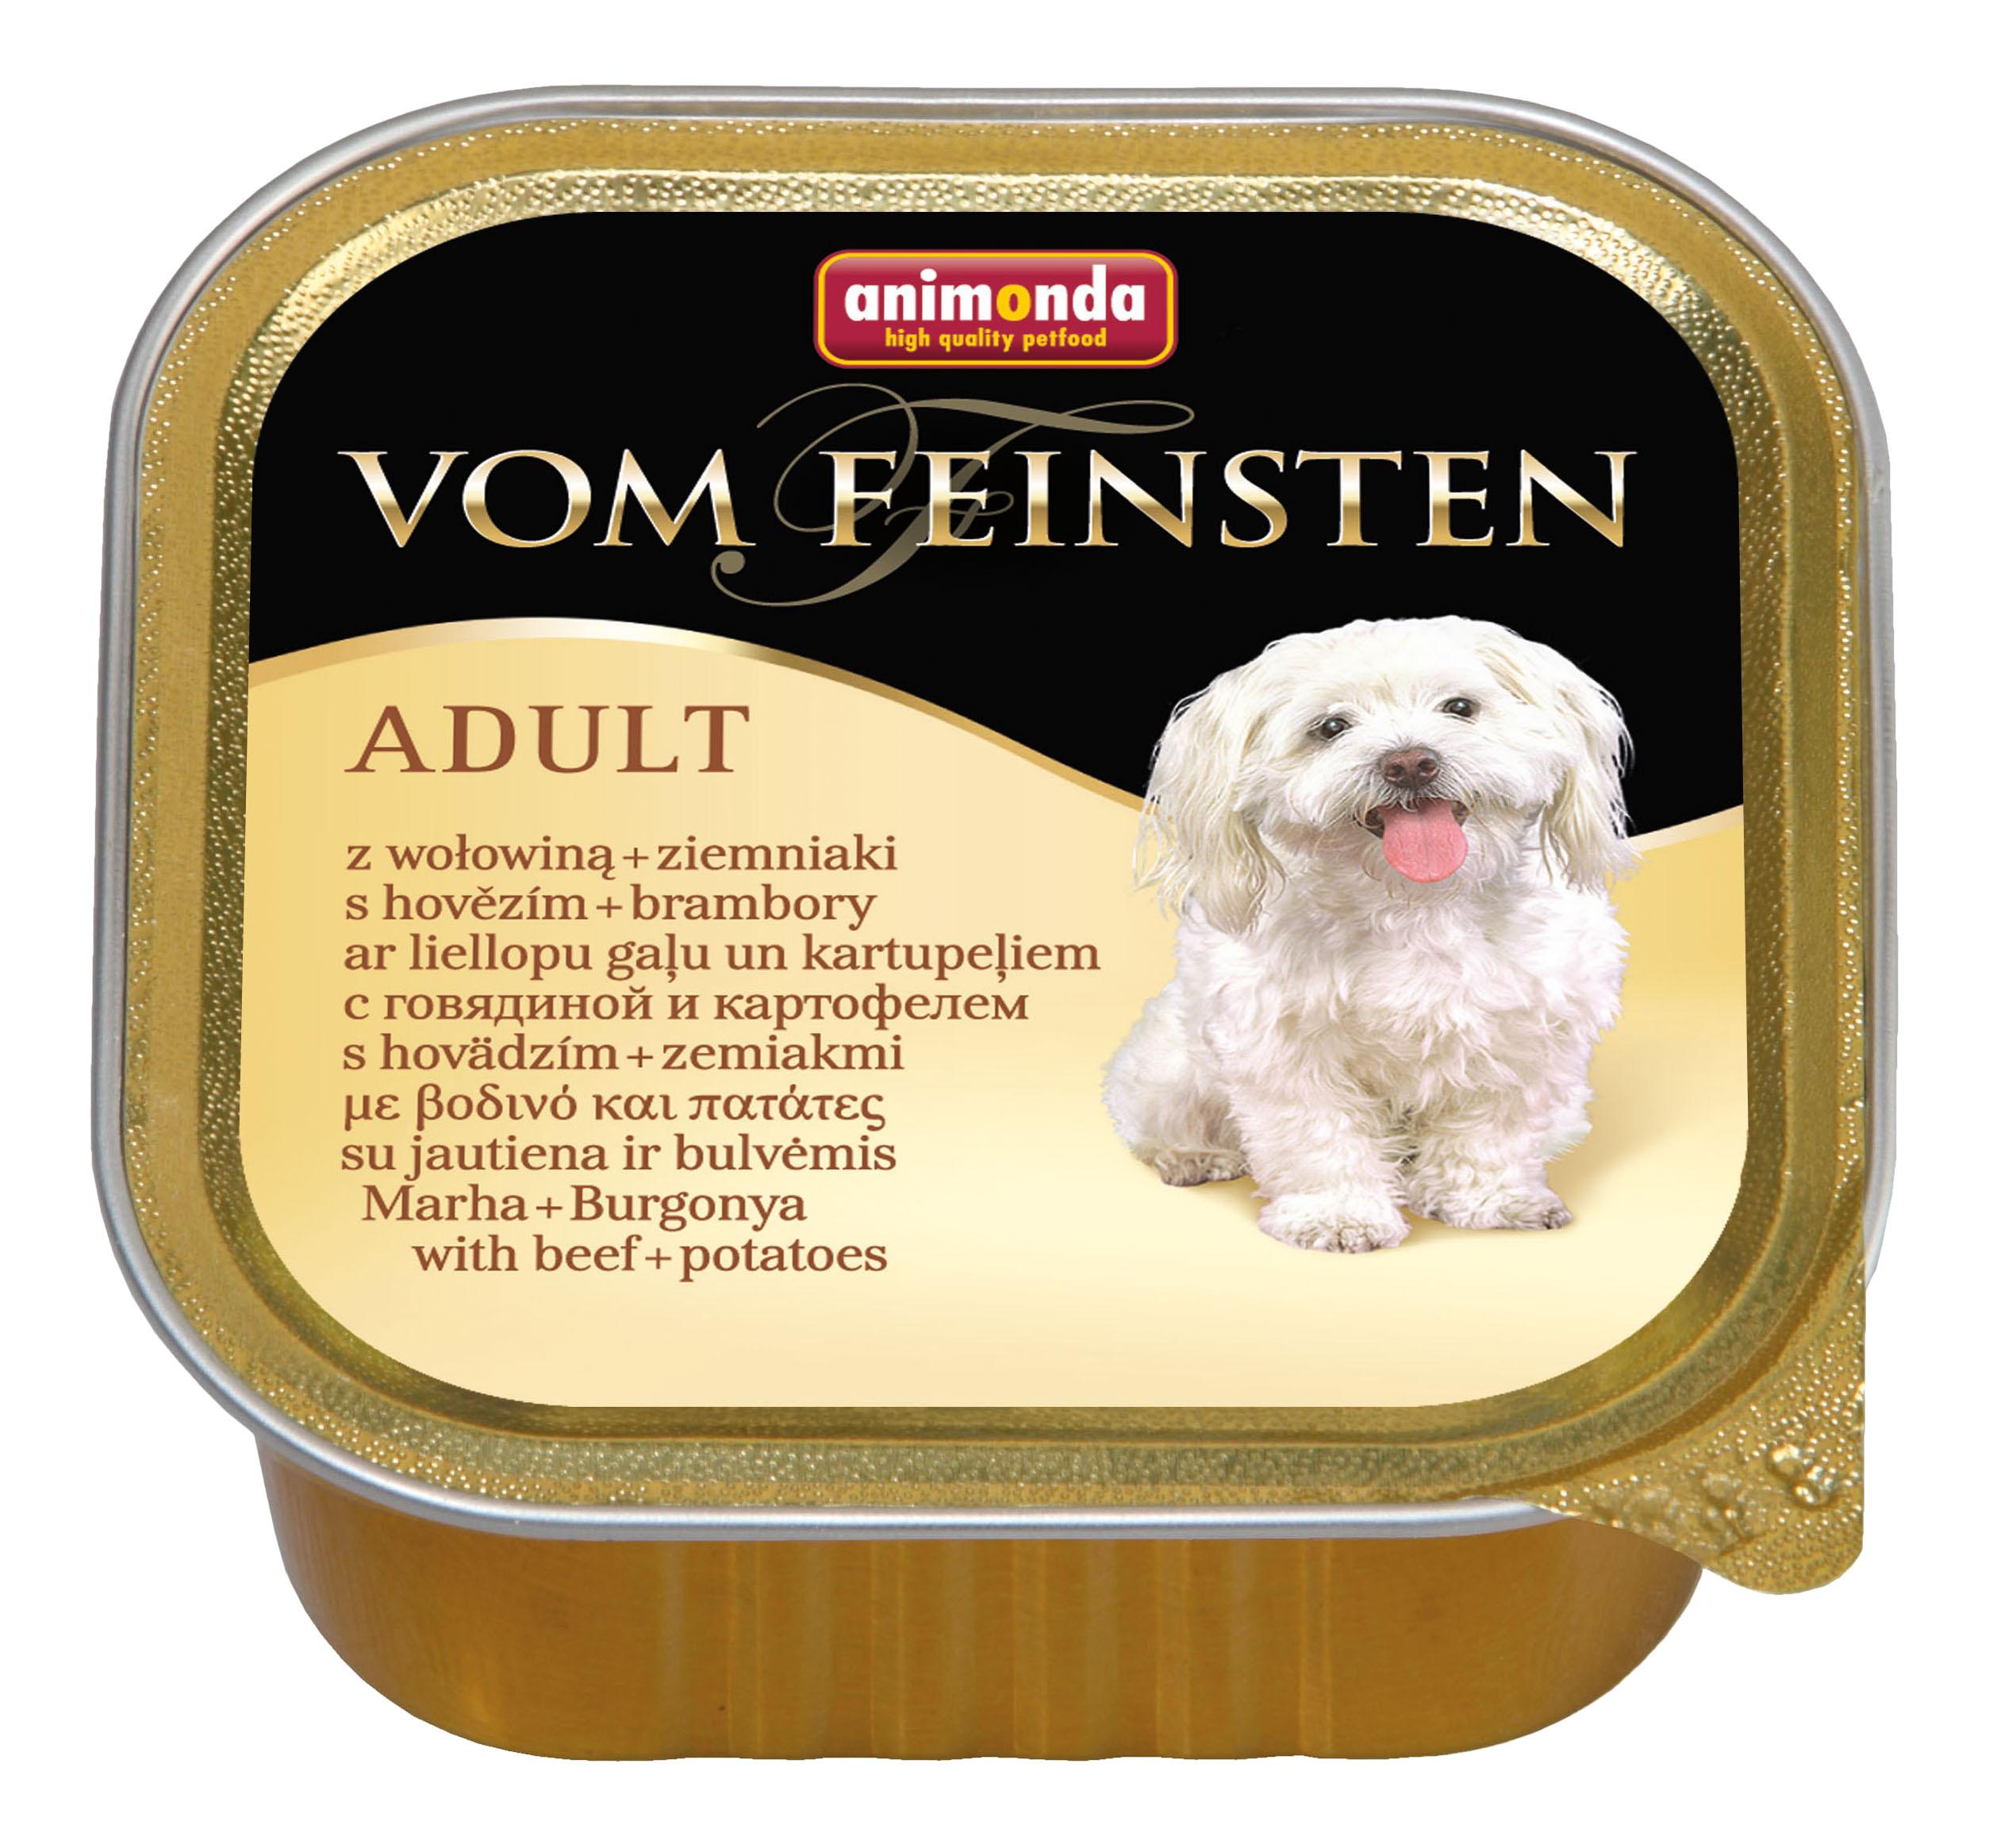 Консервы для собак Animonda Vom Feinsten Menue, говядина, картофель, 22шт, 150г фото